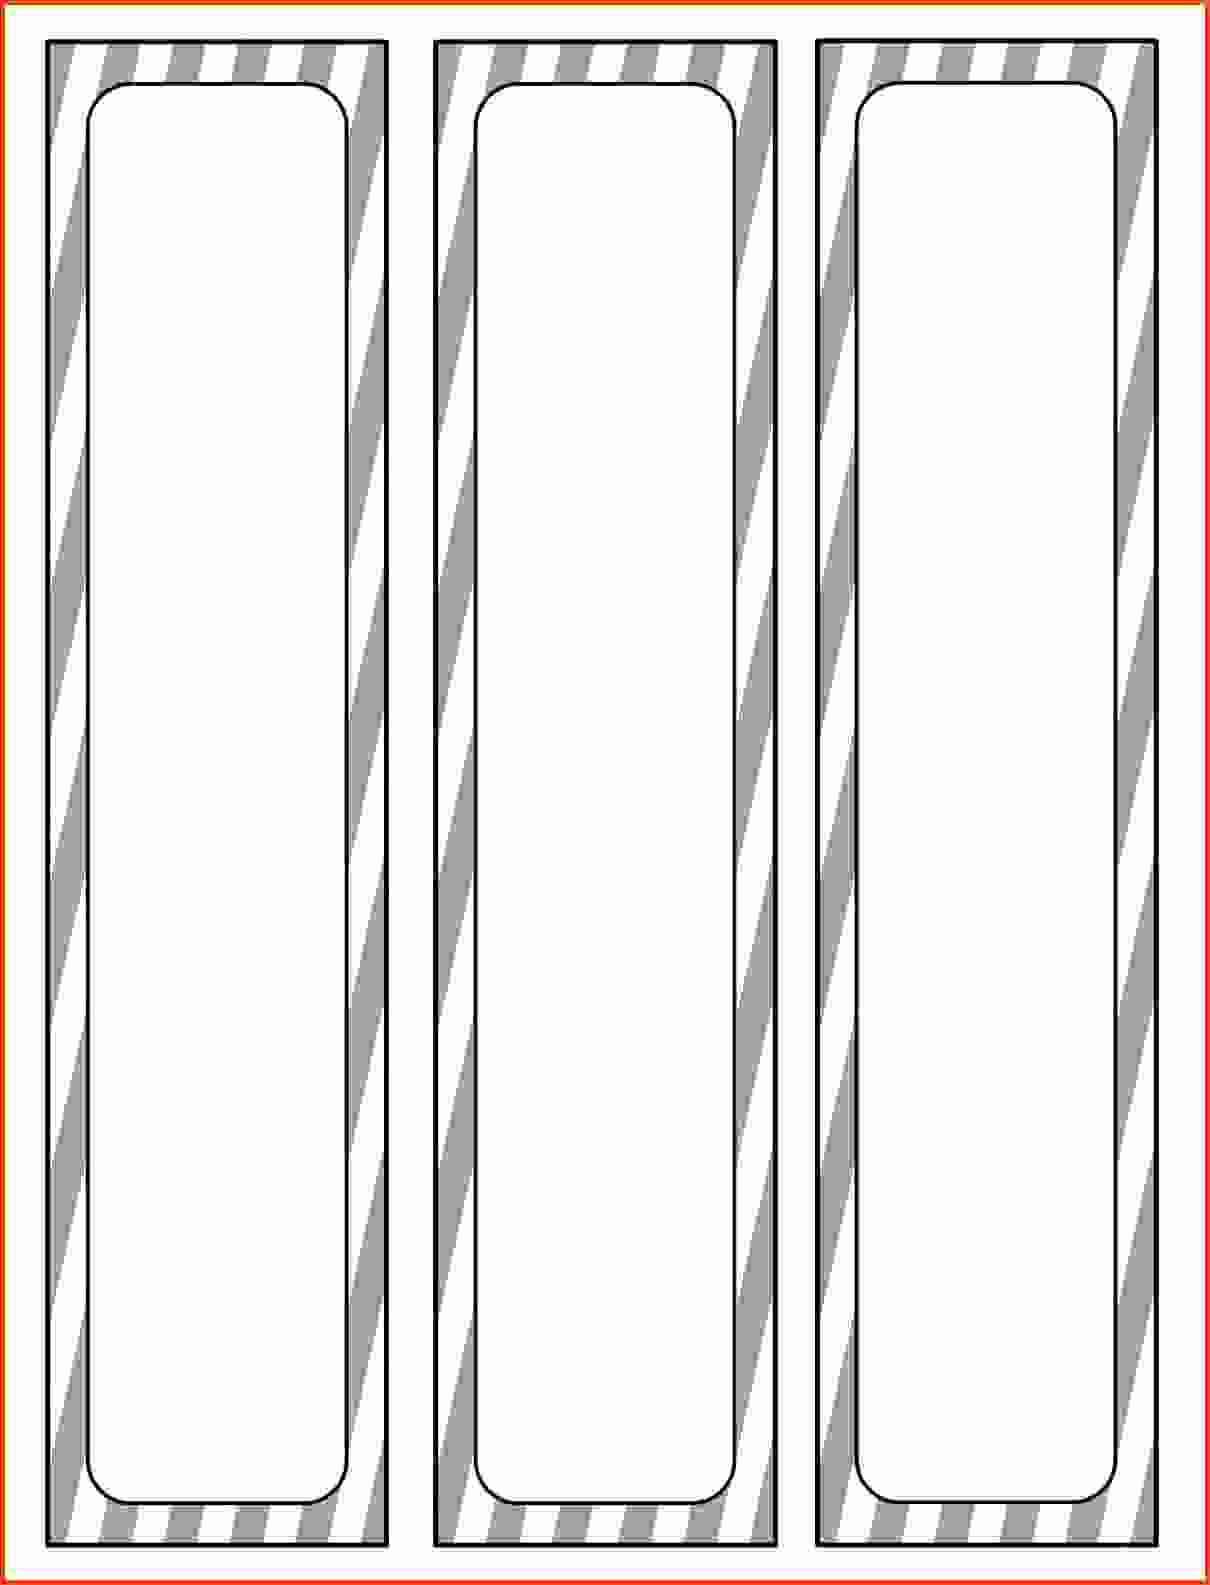 008 Binder Spine Template Inch Singular 1 Ideas Avery 1/2 With Binder Spine Template Word